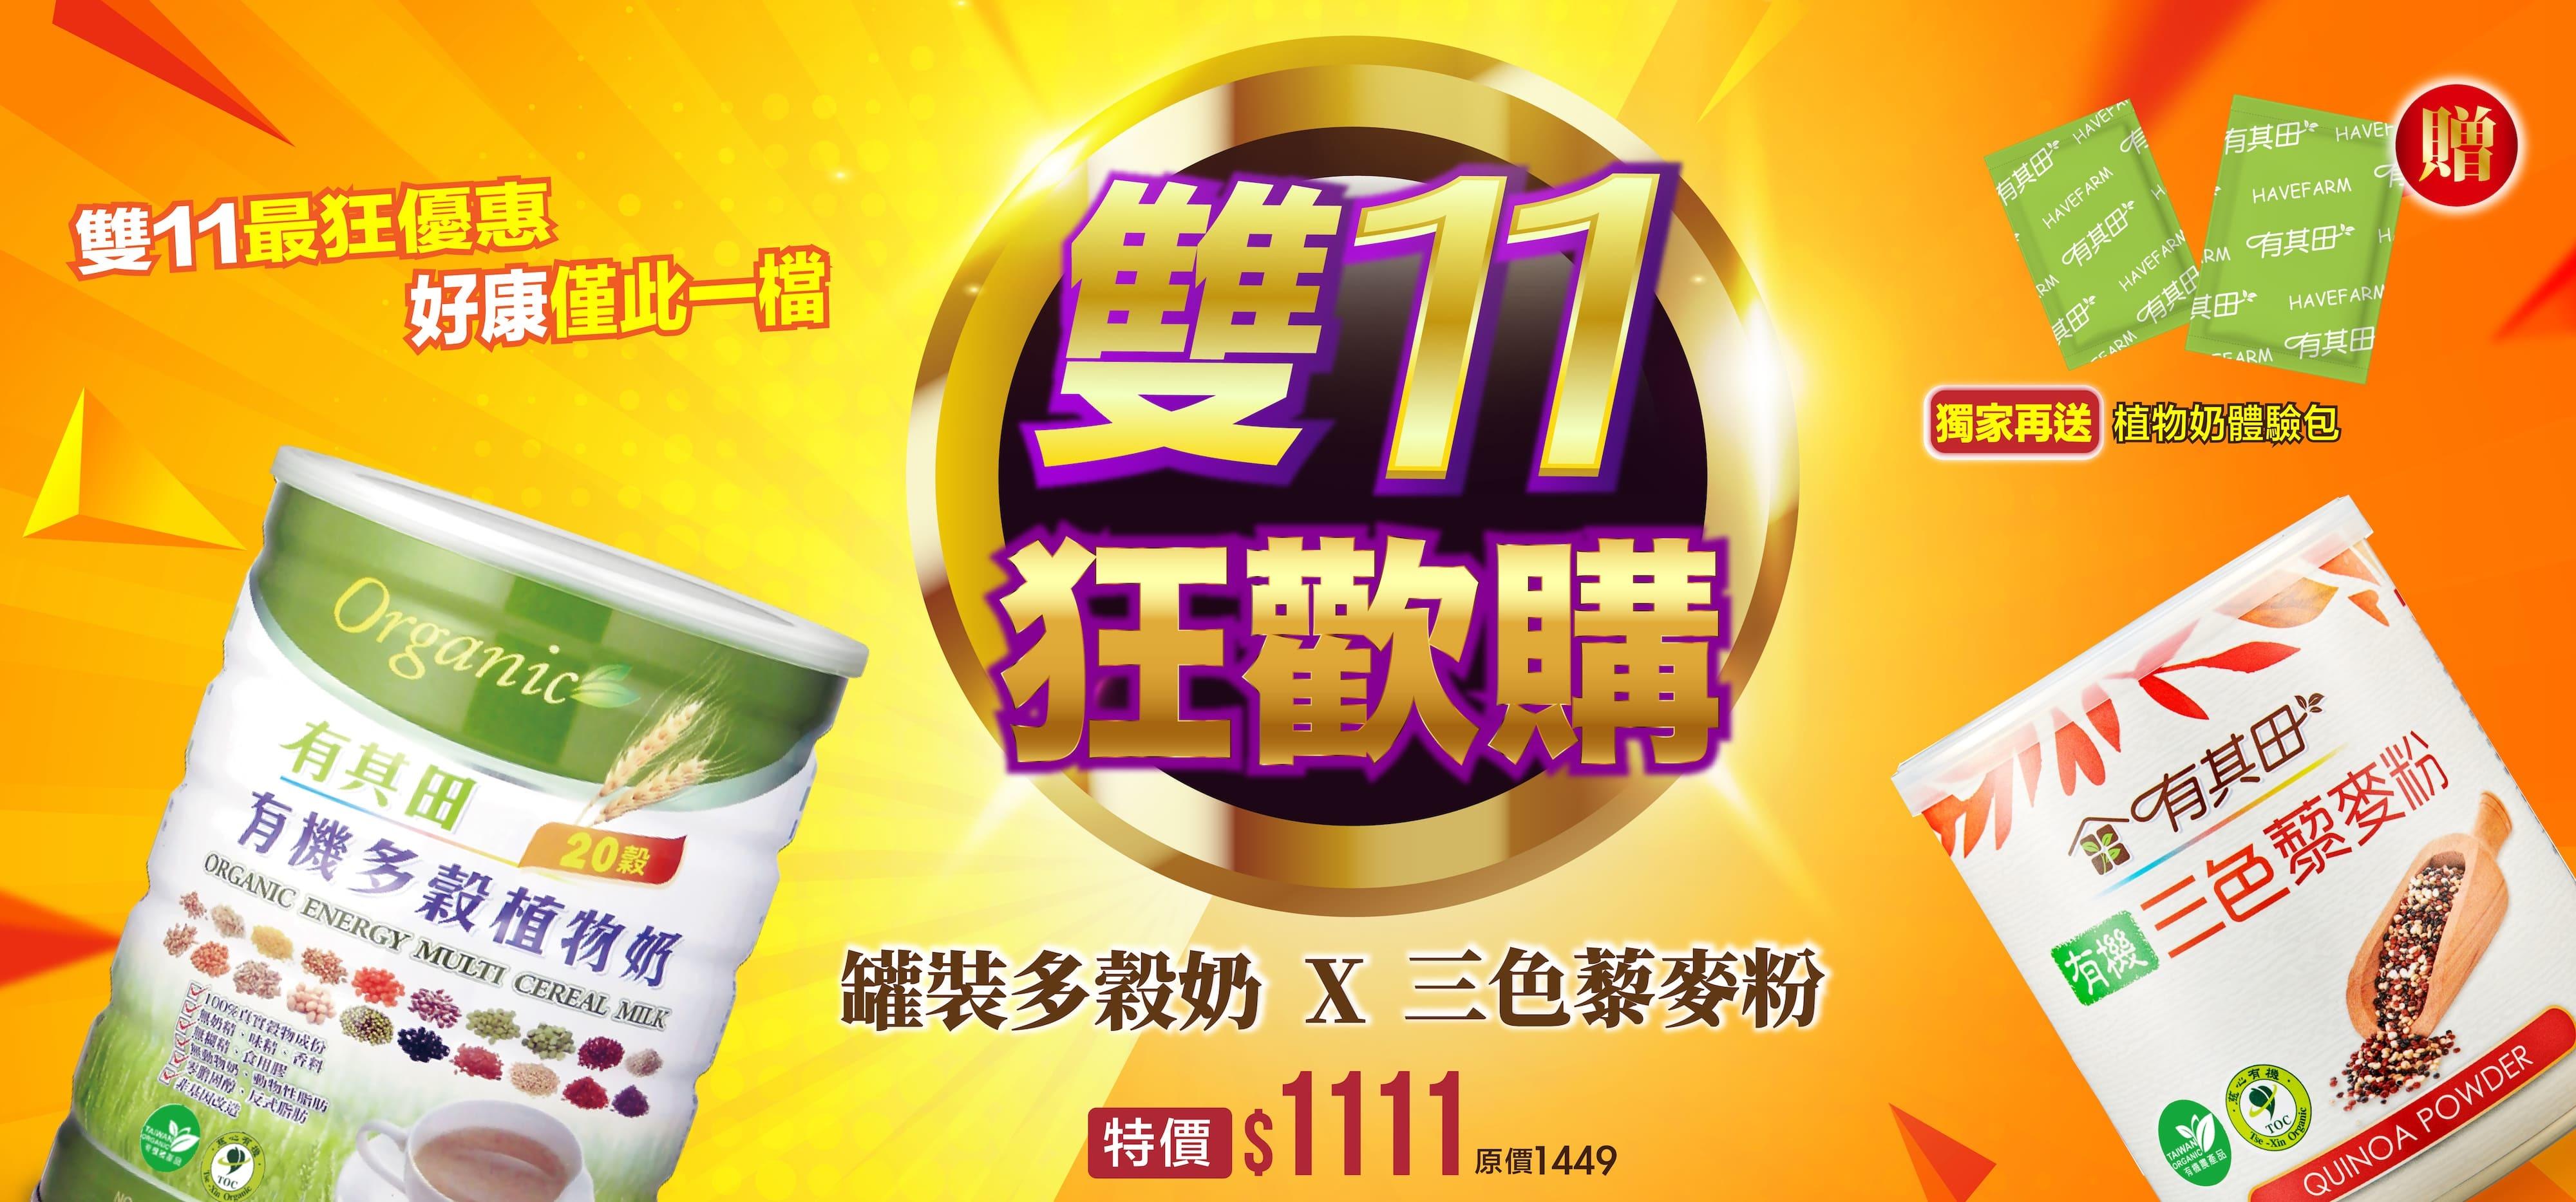 有其田雙11狂歡購!多榖奶+三色藜麥,特價$1111。加送植物奶體驗包。